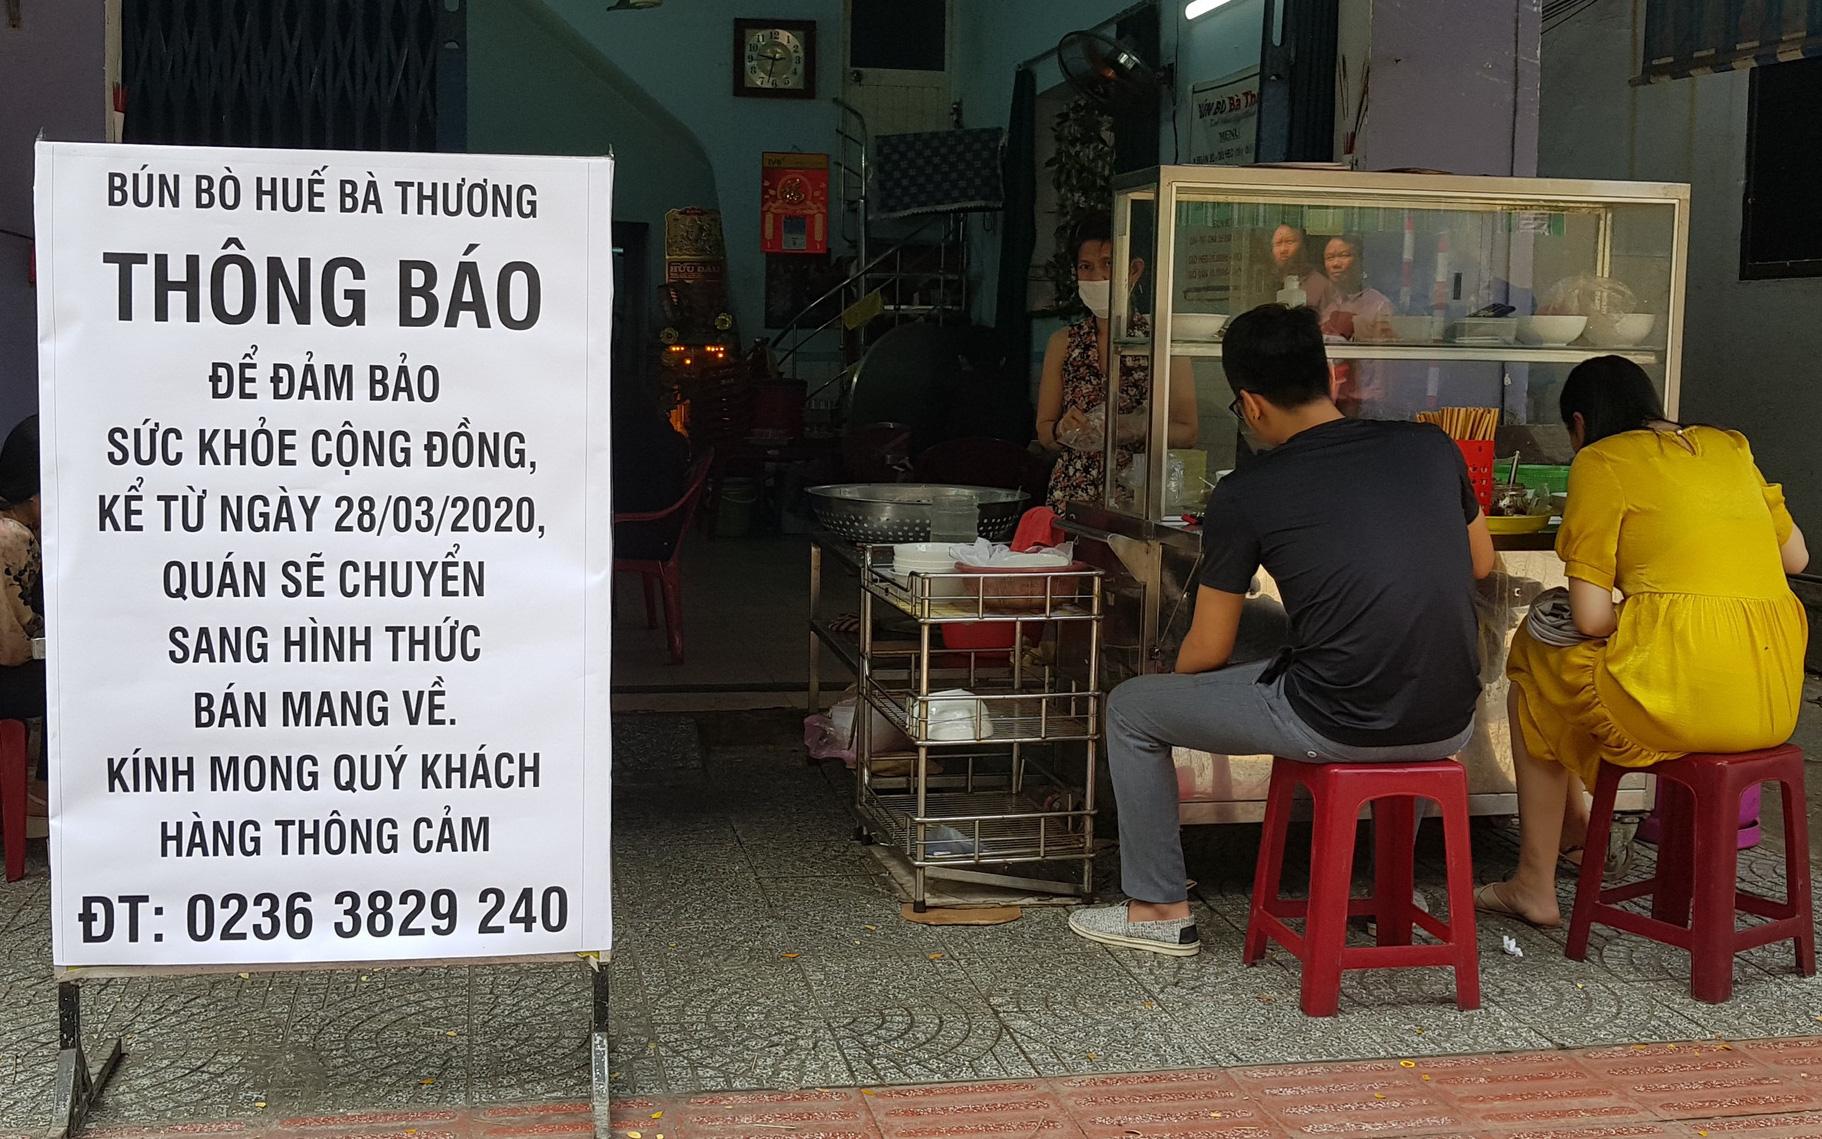 Đà Nẵng tạm dừng tất cả hoạt động phục vụ ăn uống tại chỗ từ 15 giờ ngày 29/3